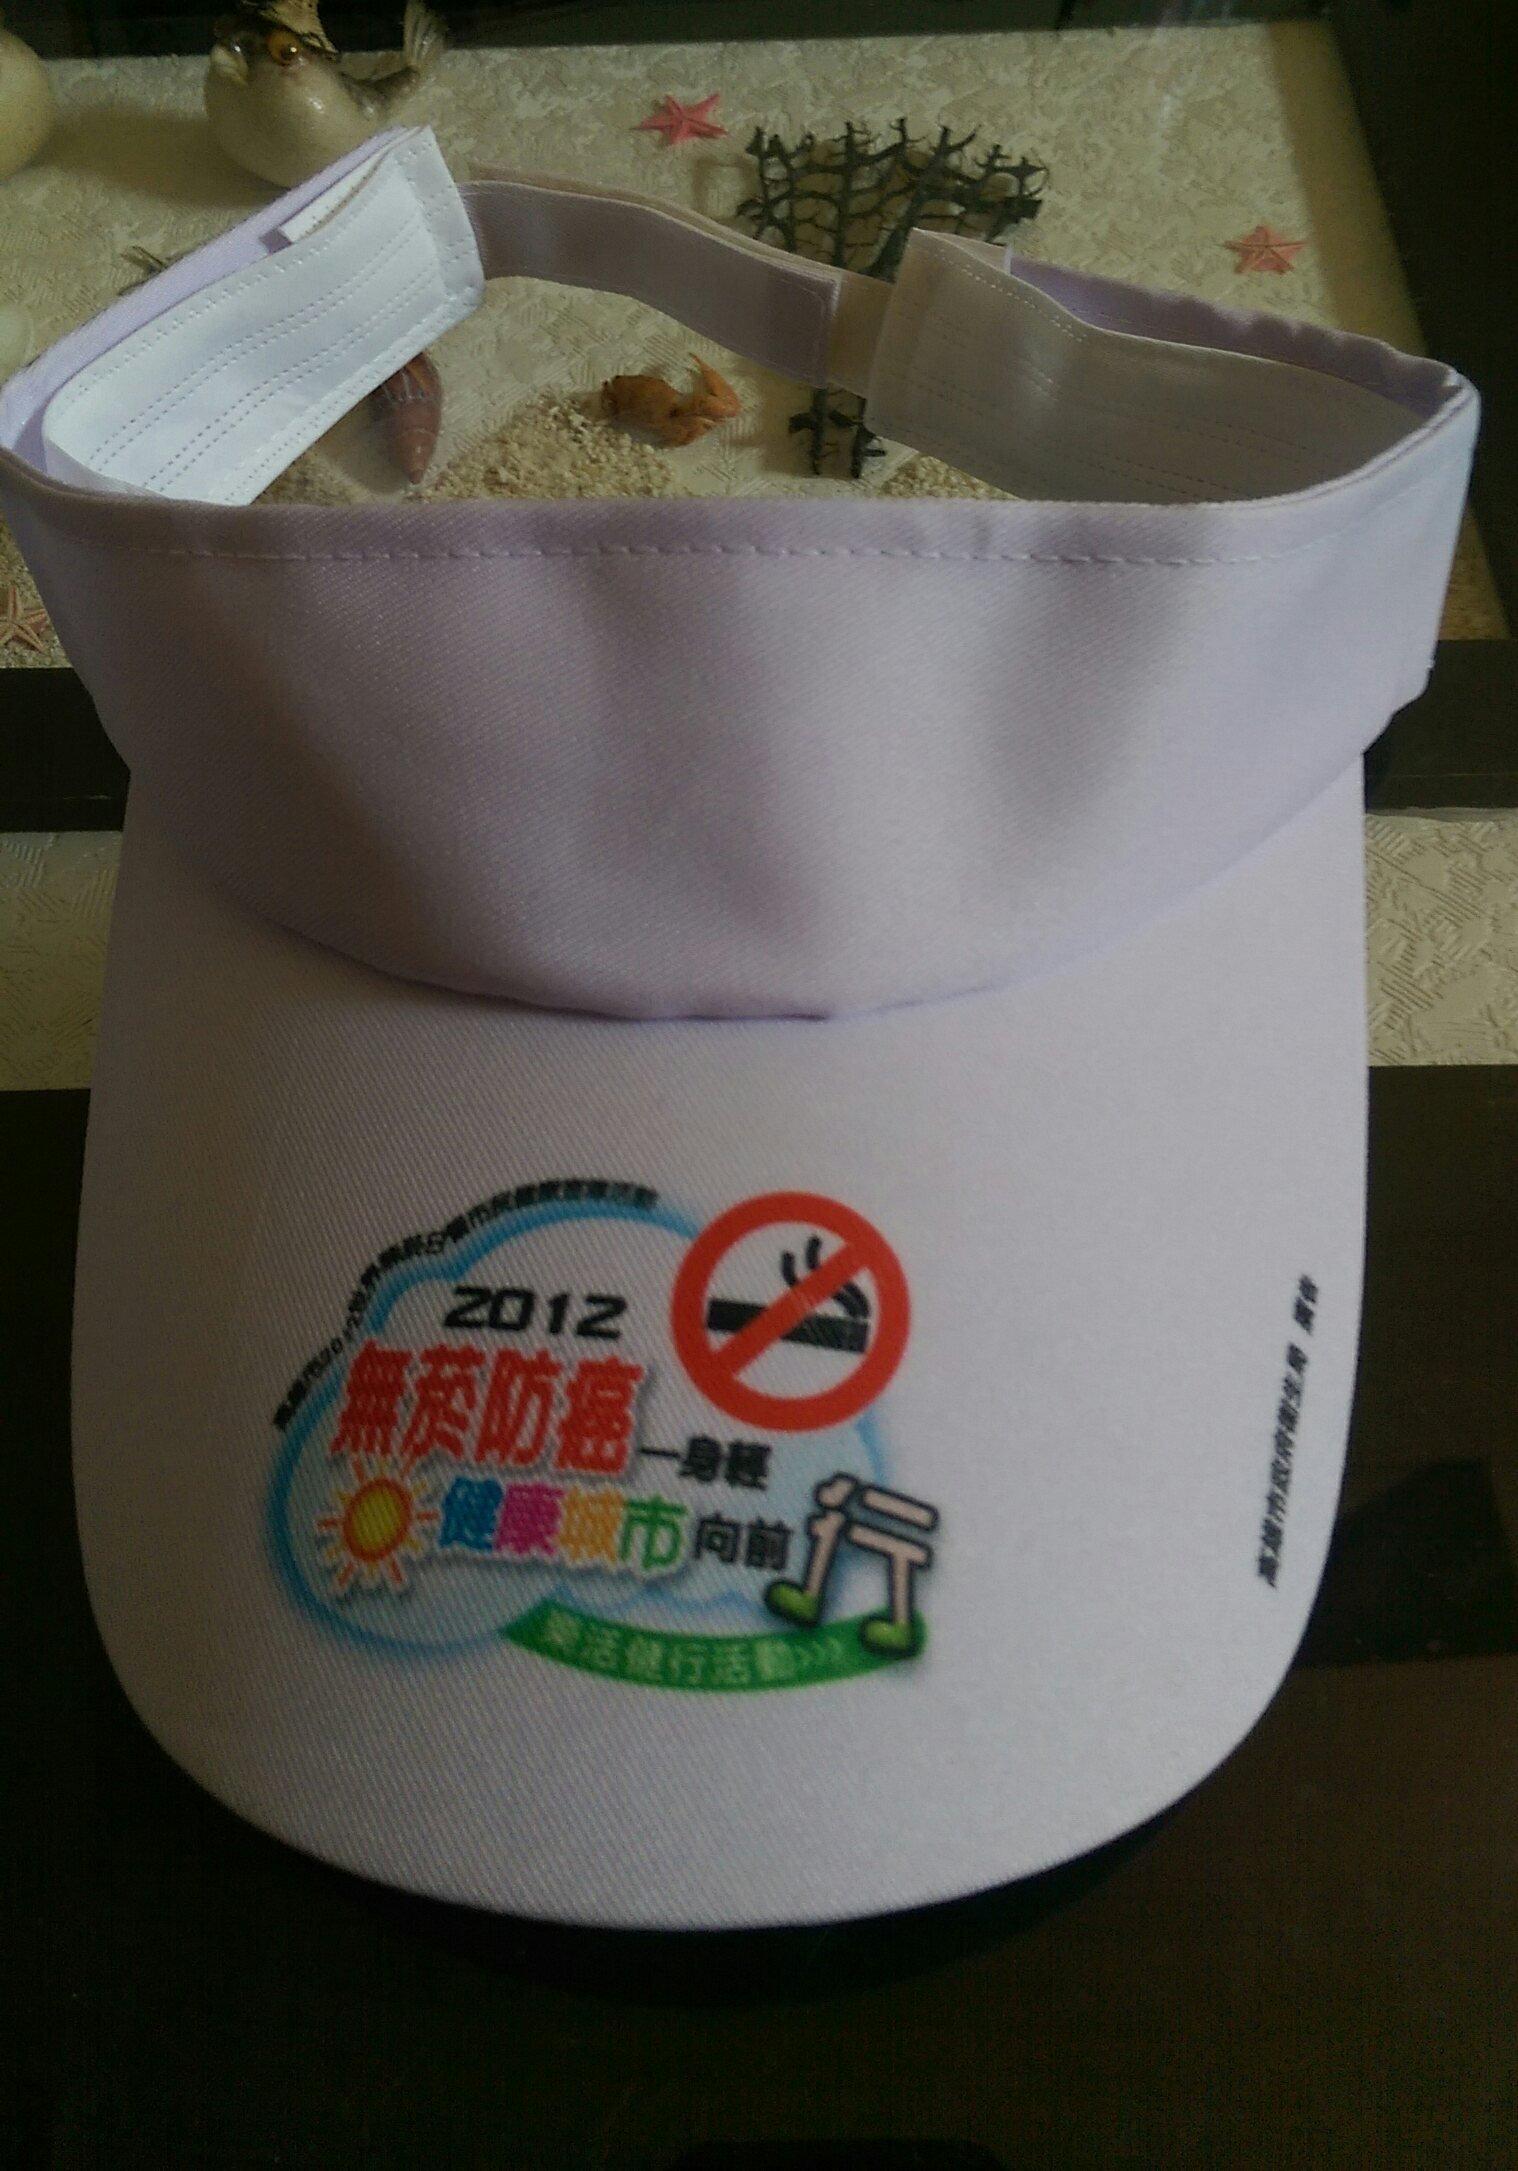 全新  2012無煙防癌一身輕 健康城市向前行 樂活健行活動 紀念帽 白色 帽類任購3頂享8折優惠